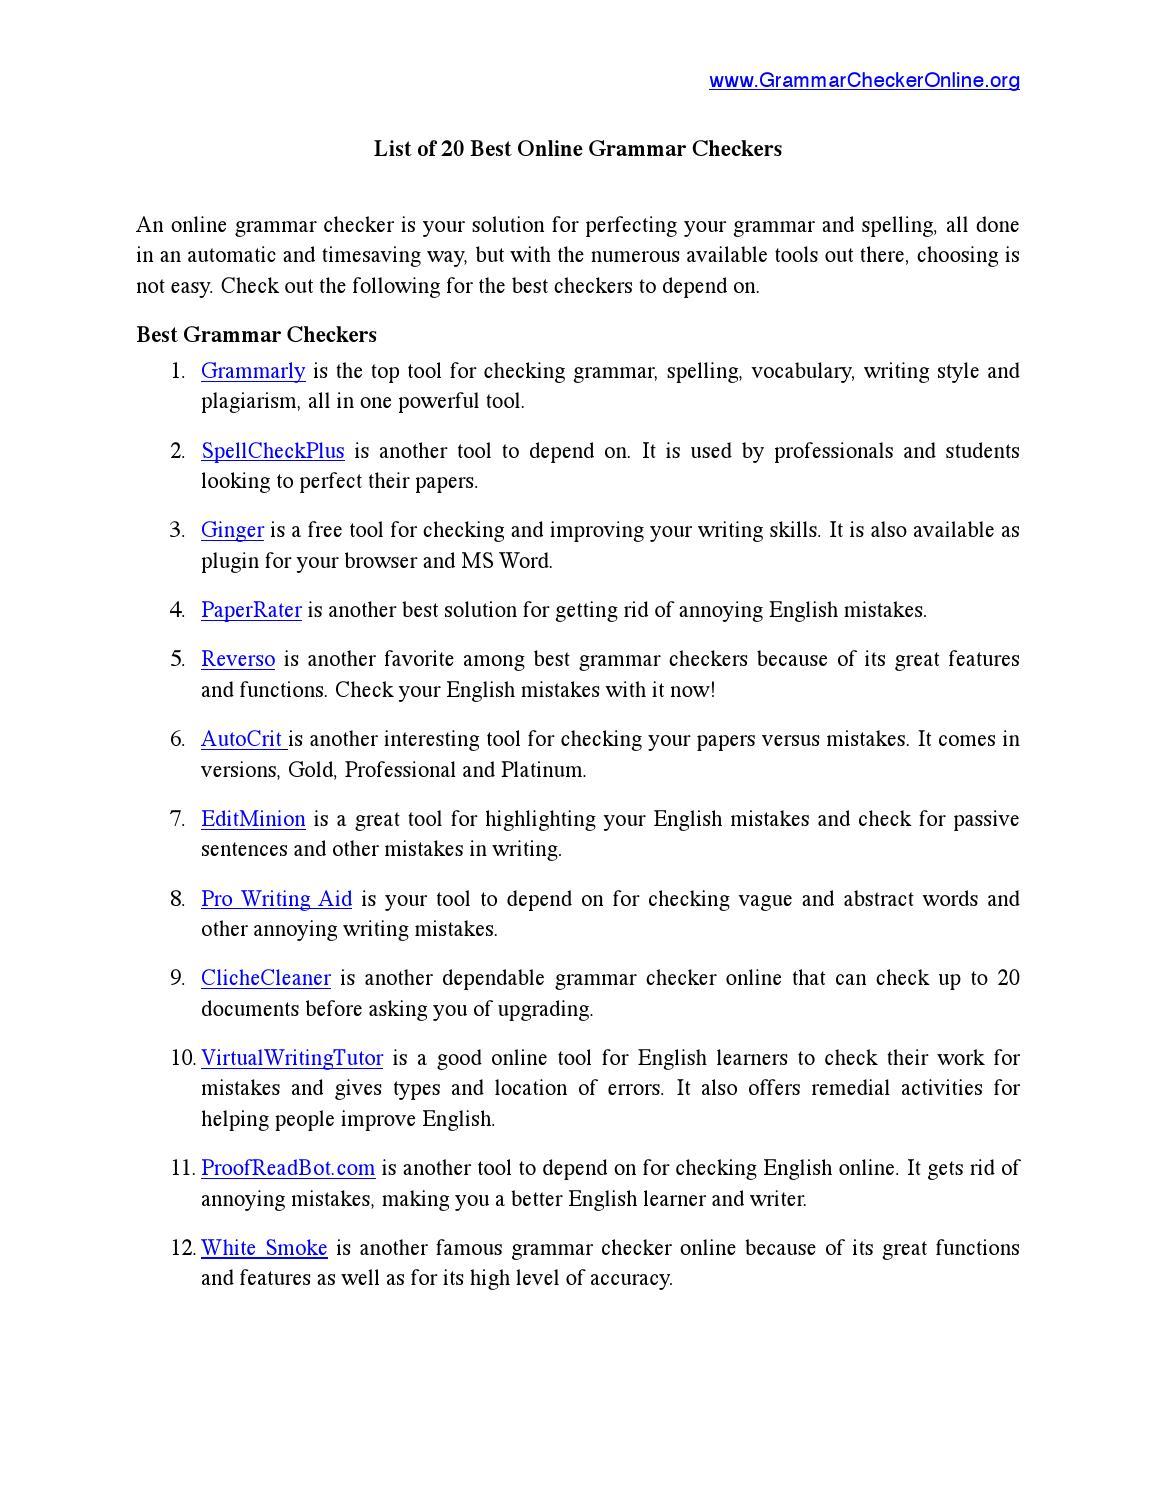 Best 20 Grammar Checkers by Grammar Checker Online - issuu